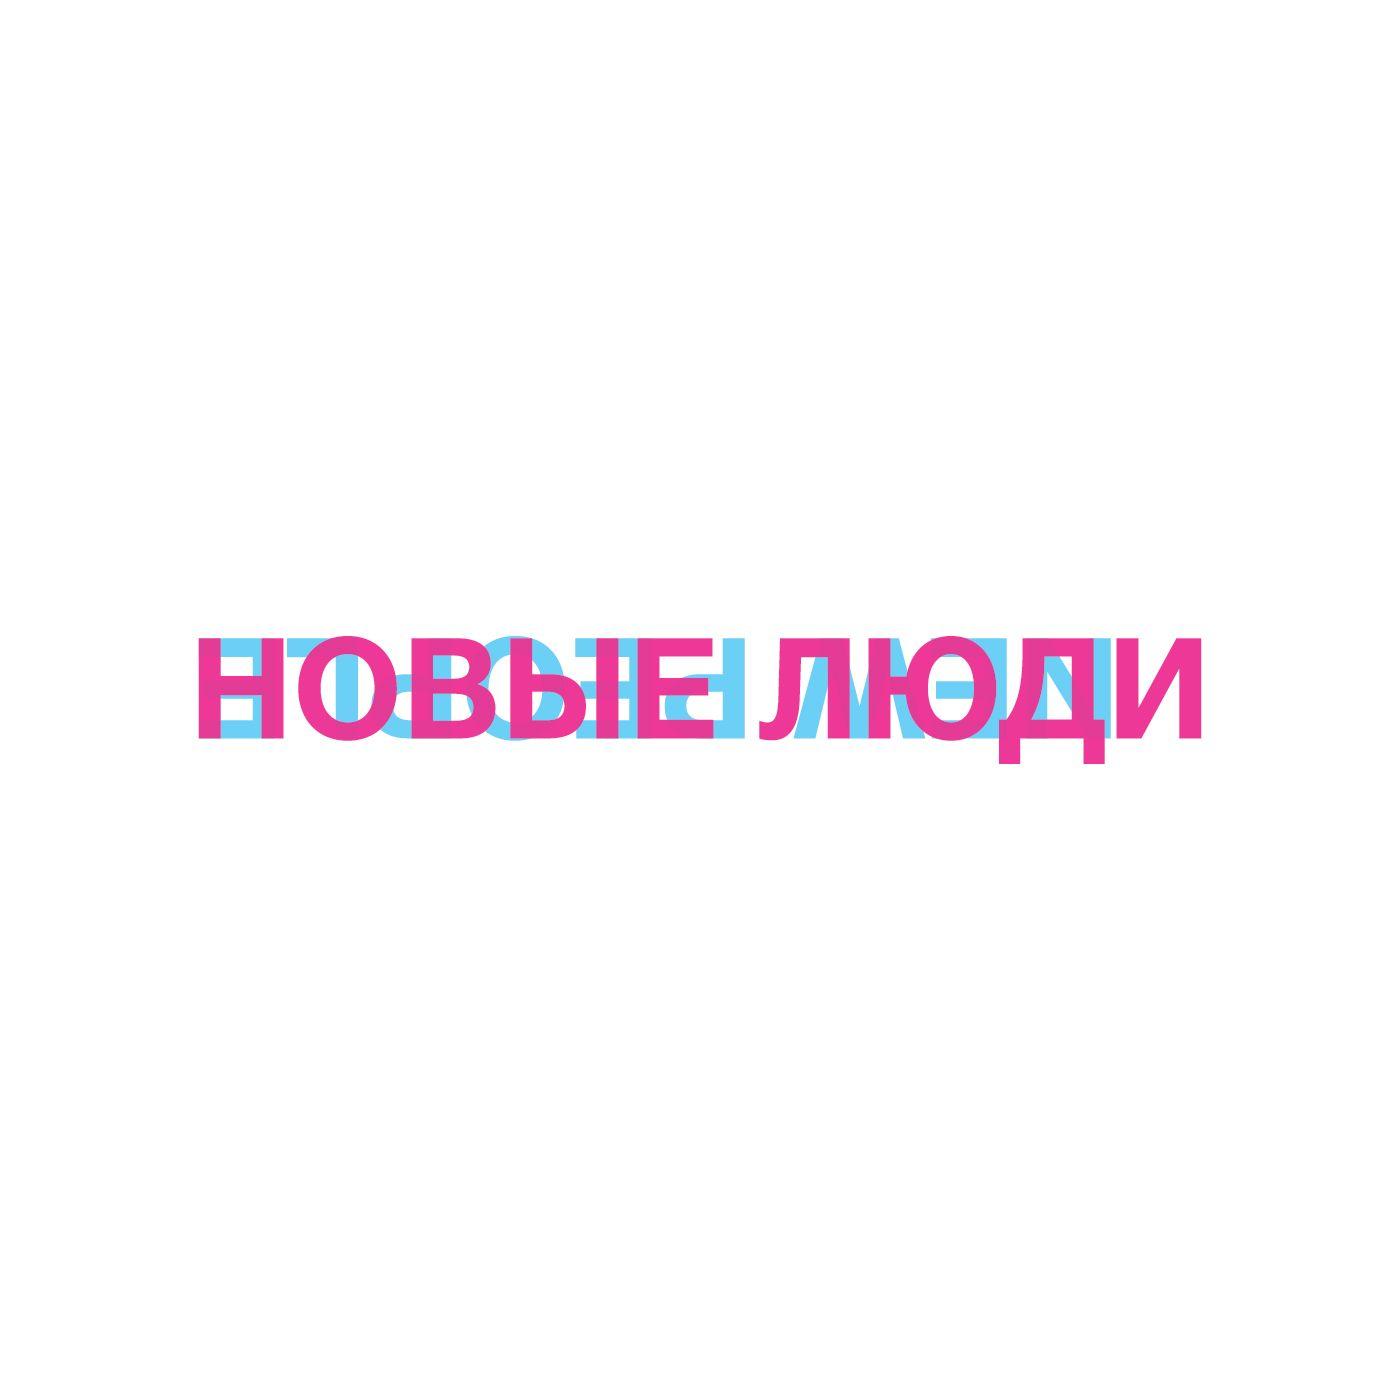 Лого и стиль тренингового центра/системы знаний - дизайнер rikozi